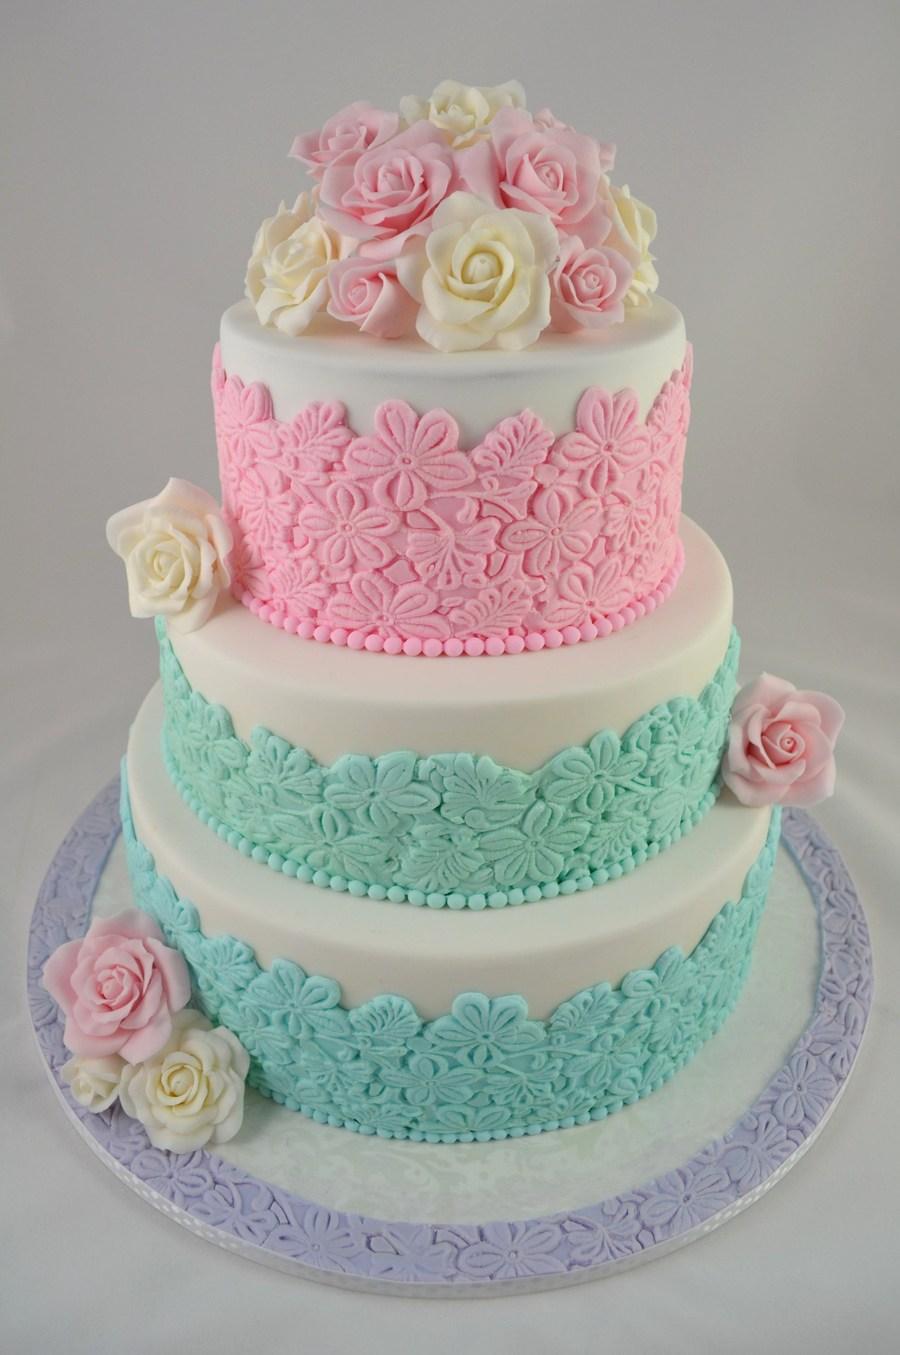 Pastel Floral Wedding Cake - CakeCentral.com